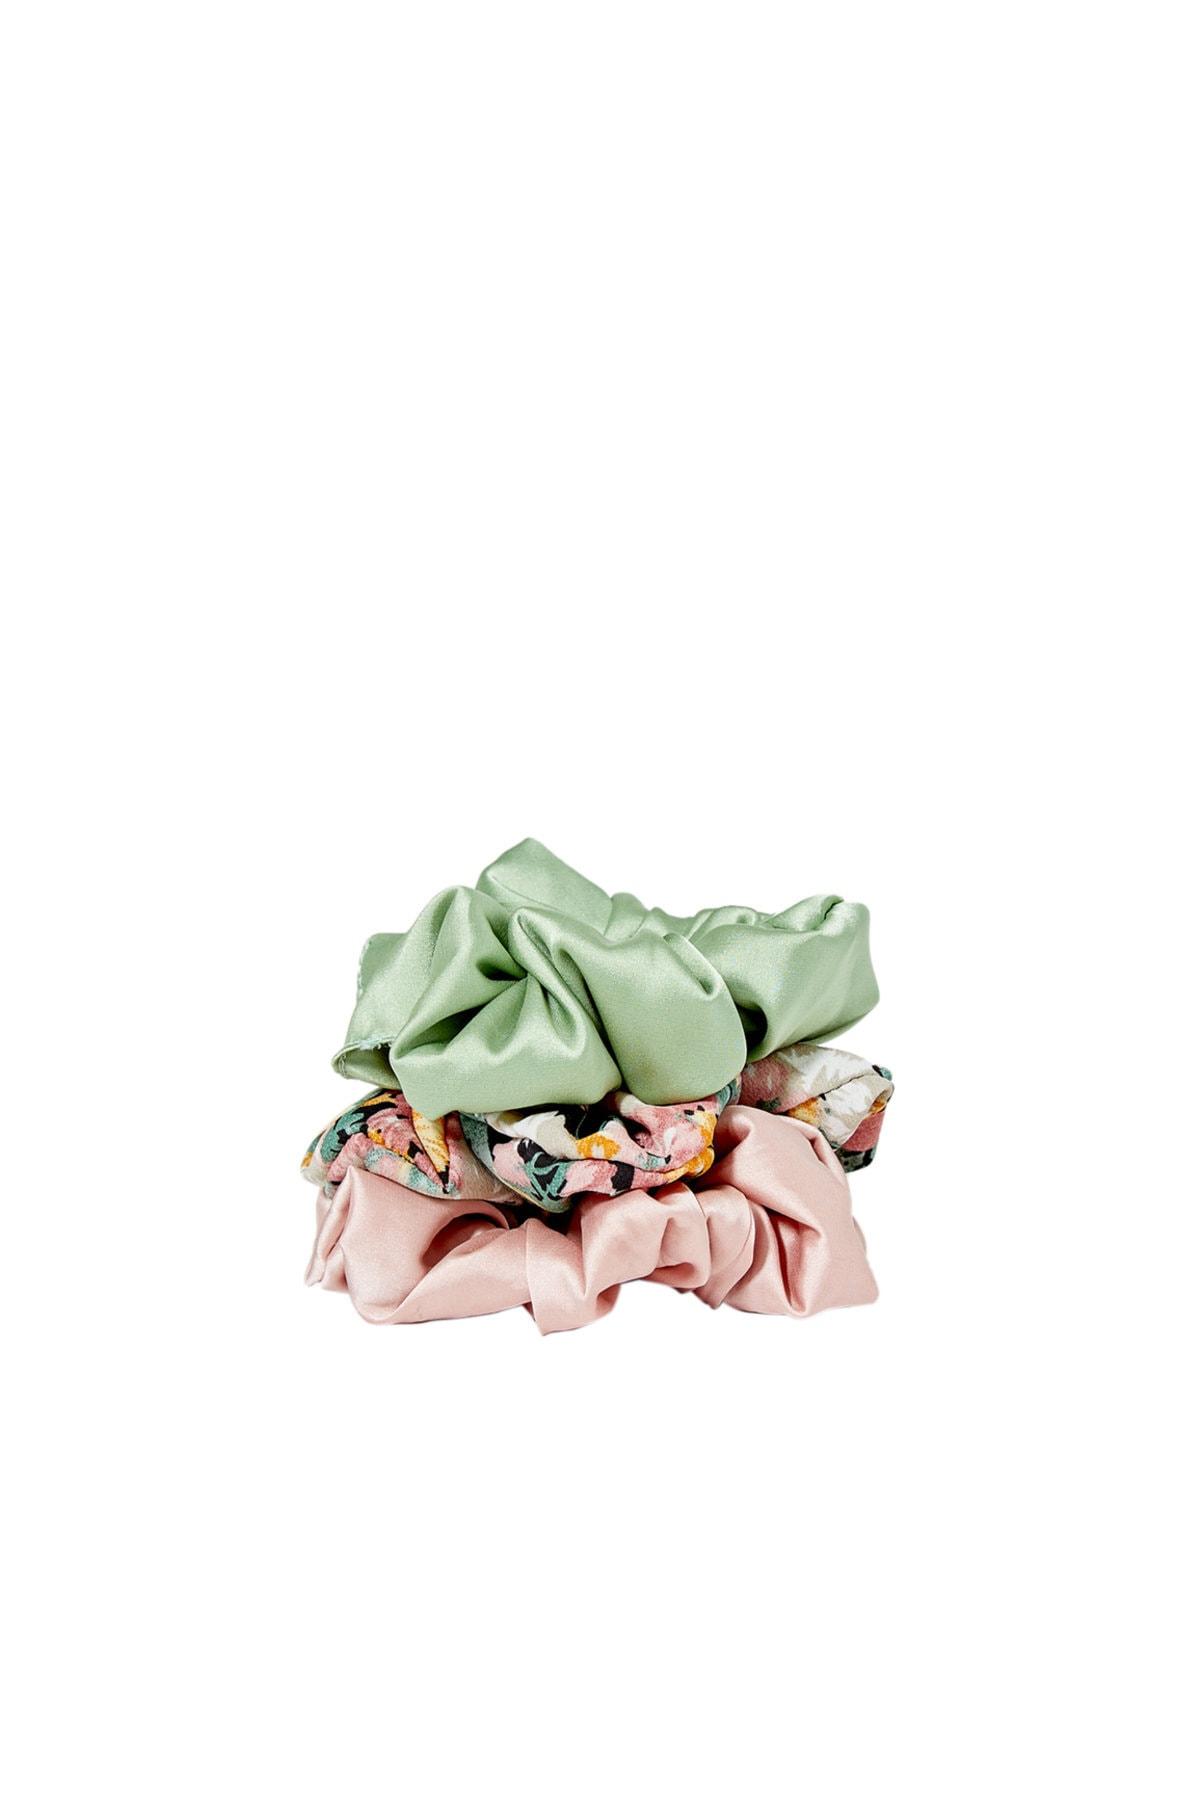 Stradivarius Kadın Yeşil 3'Lü Çiçek Desenli Saç Lastiği Paketi 00239009 0